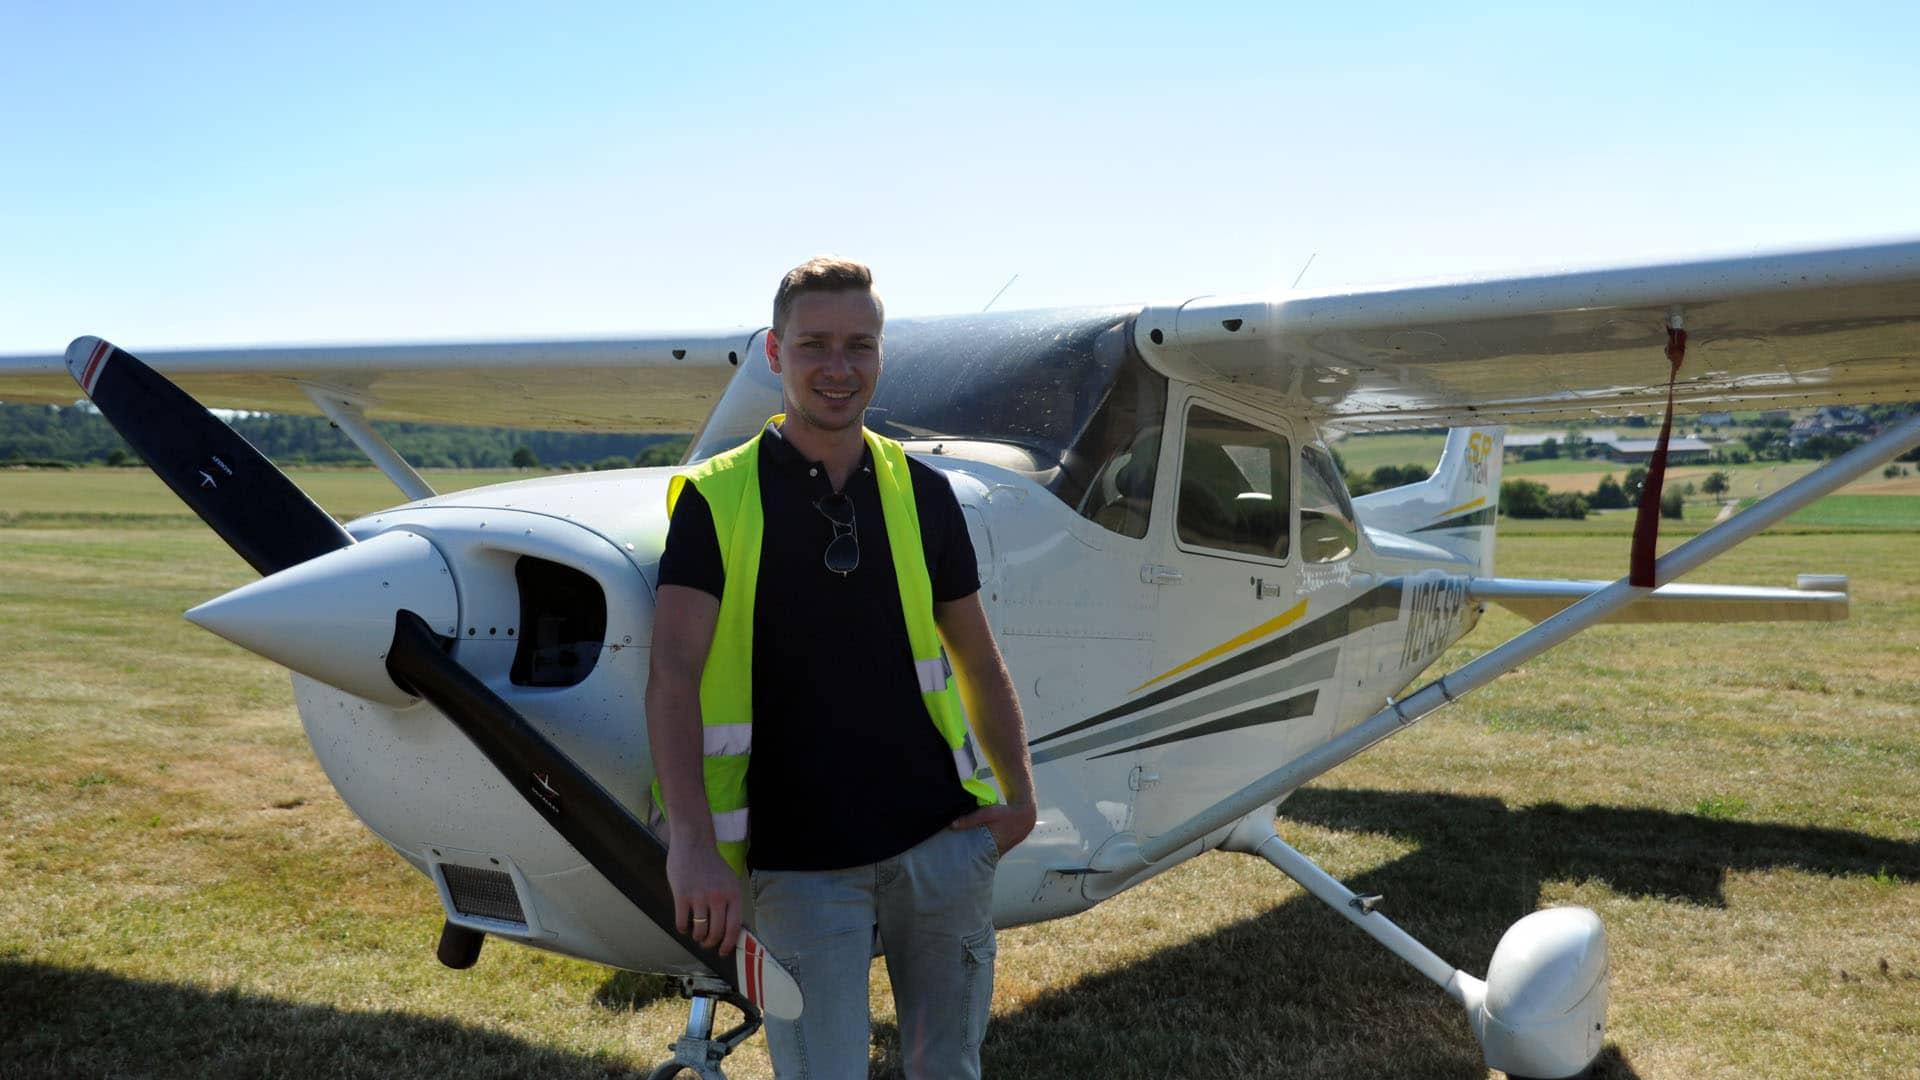 Der 25-jährige Jan Klassen wird im kommenden Jahr als Buschpilot für MAF ausreisen